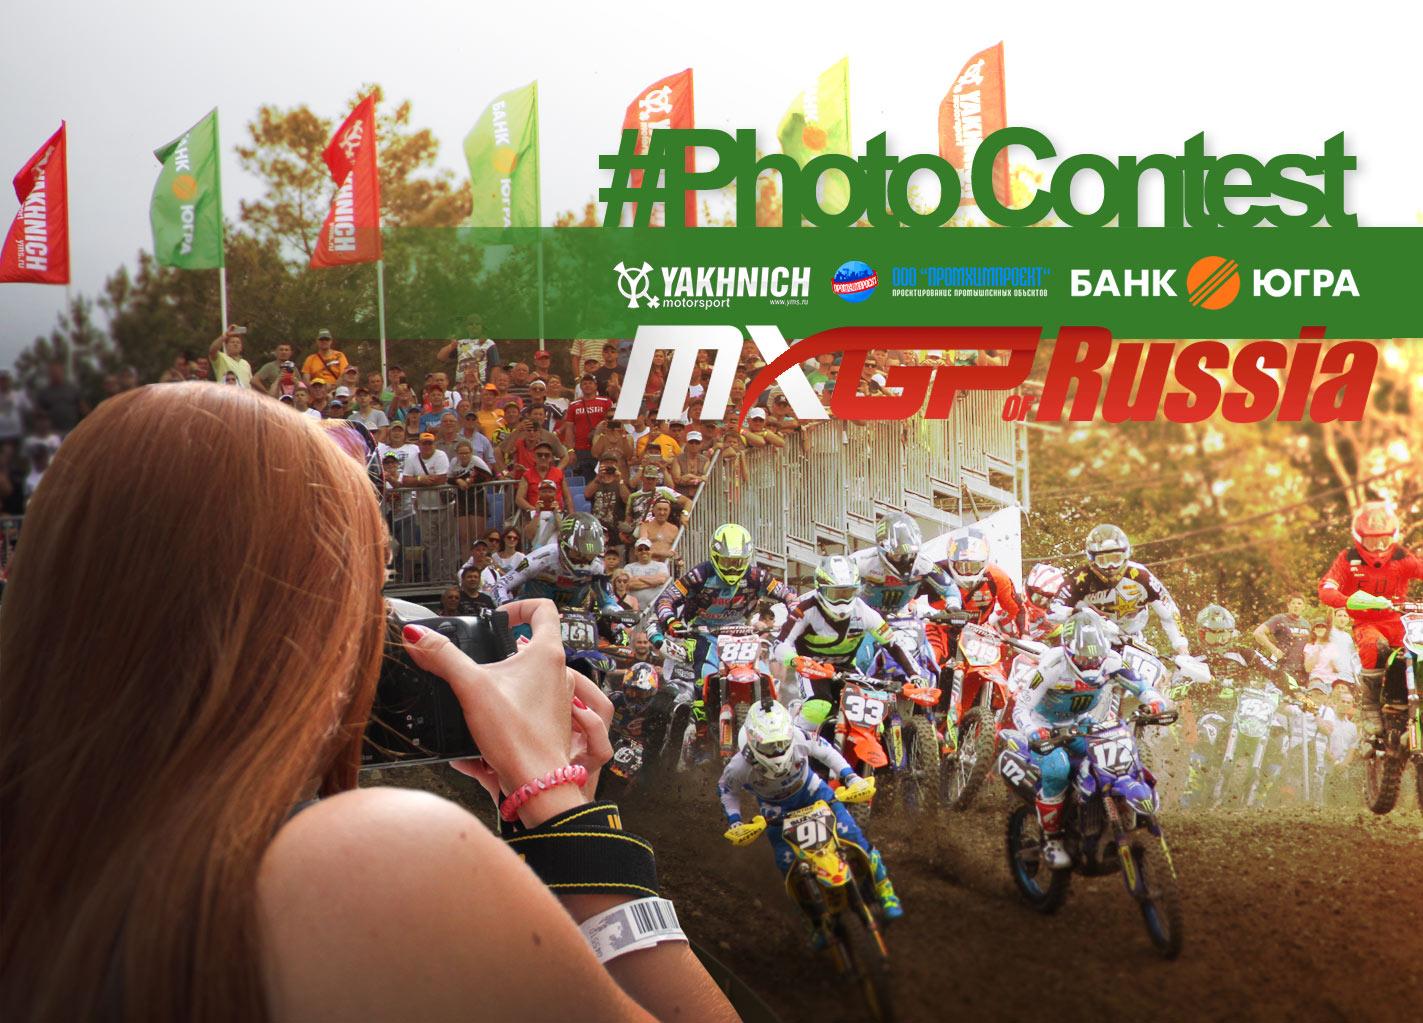 MXGP of Russia: Фотоконкурс российского этапа чемпионата мира по мотокроссу!